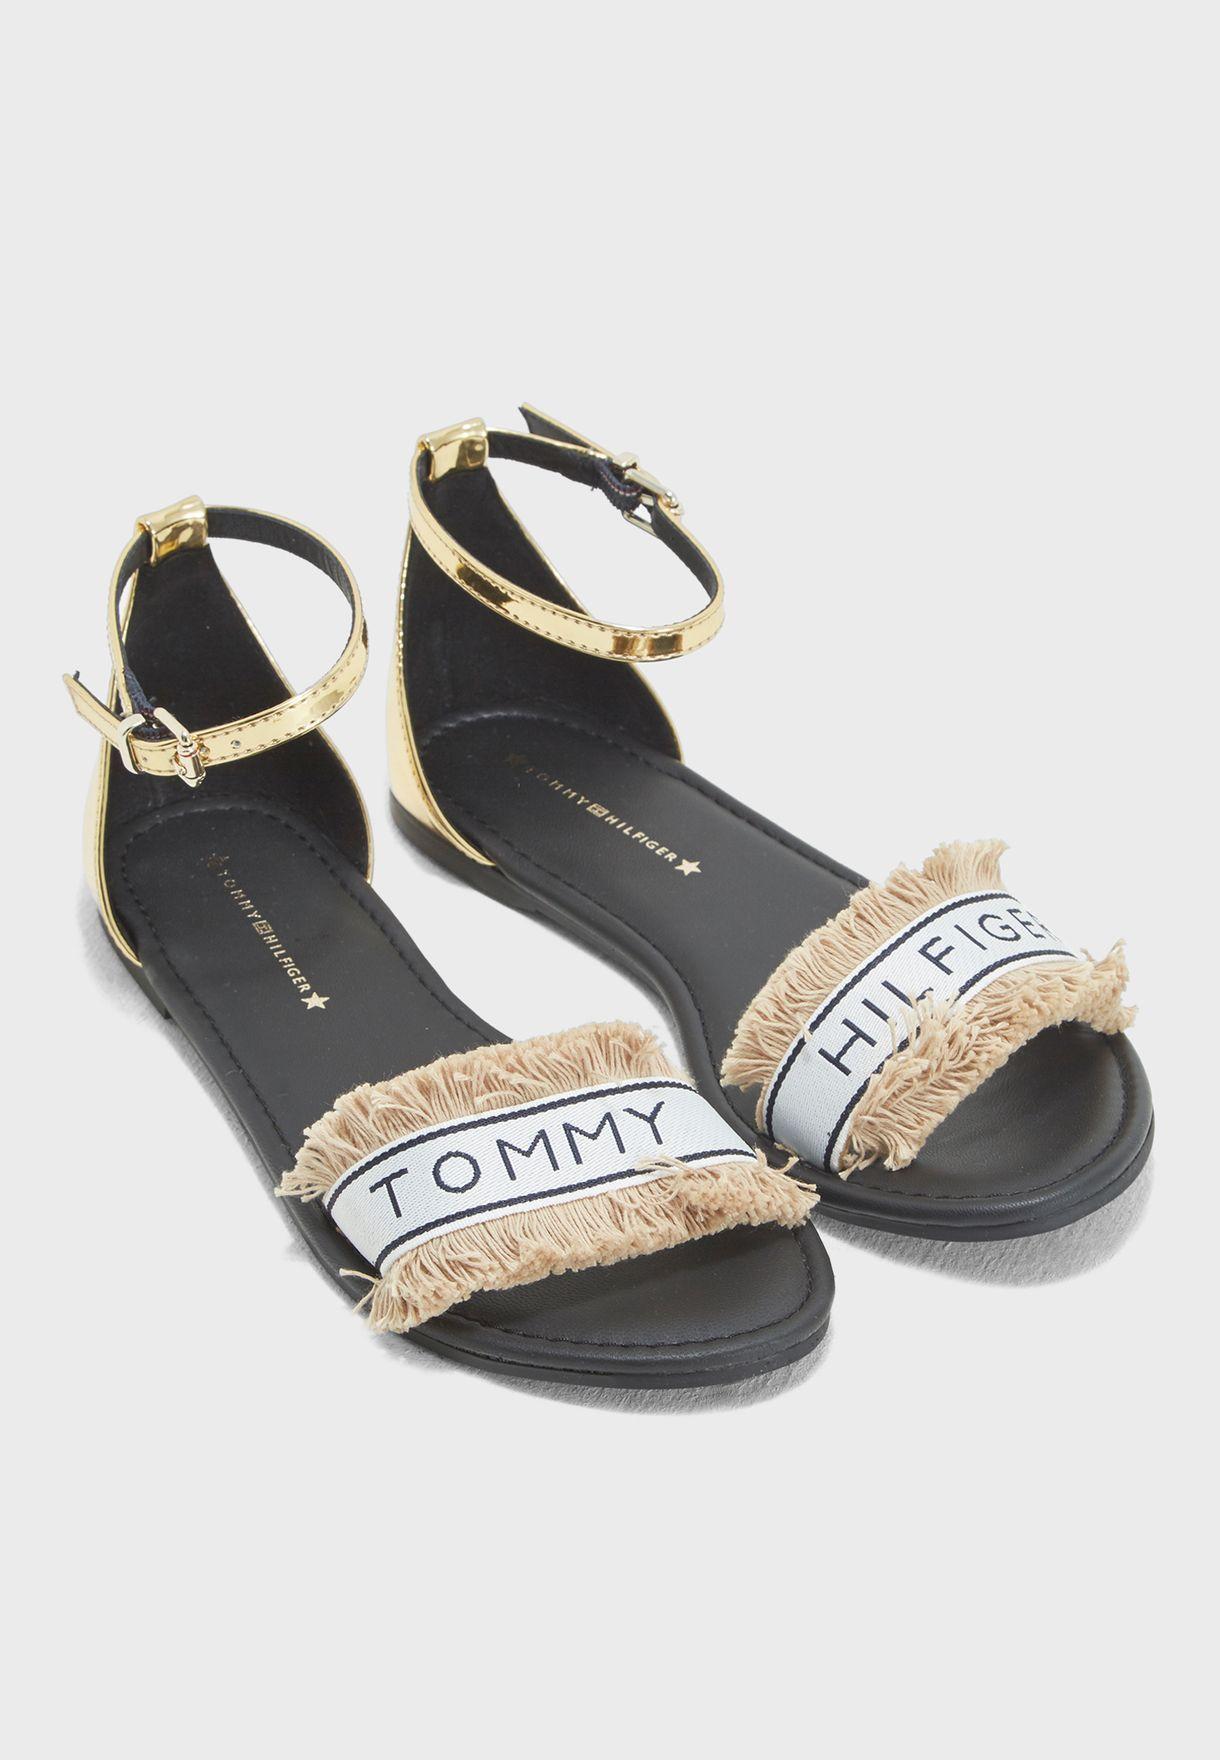 5bdf2f05956cb3 Shop Tommy Hilfiger multicolor Mirror Metallic Flat Sandal ...